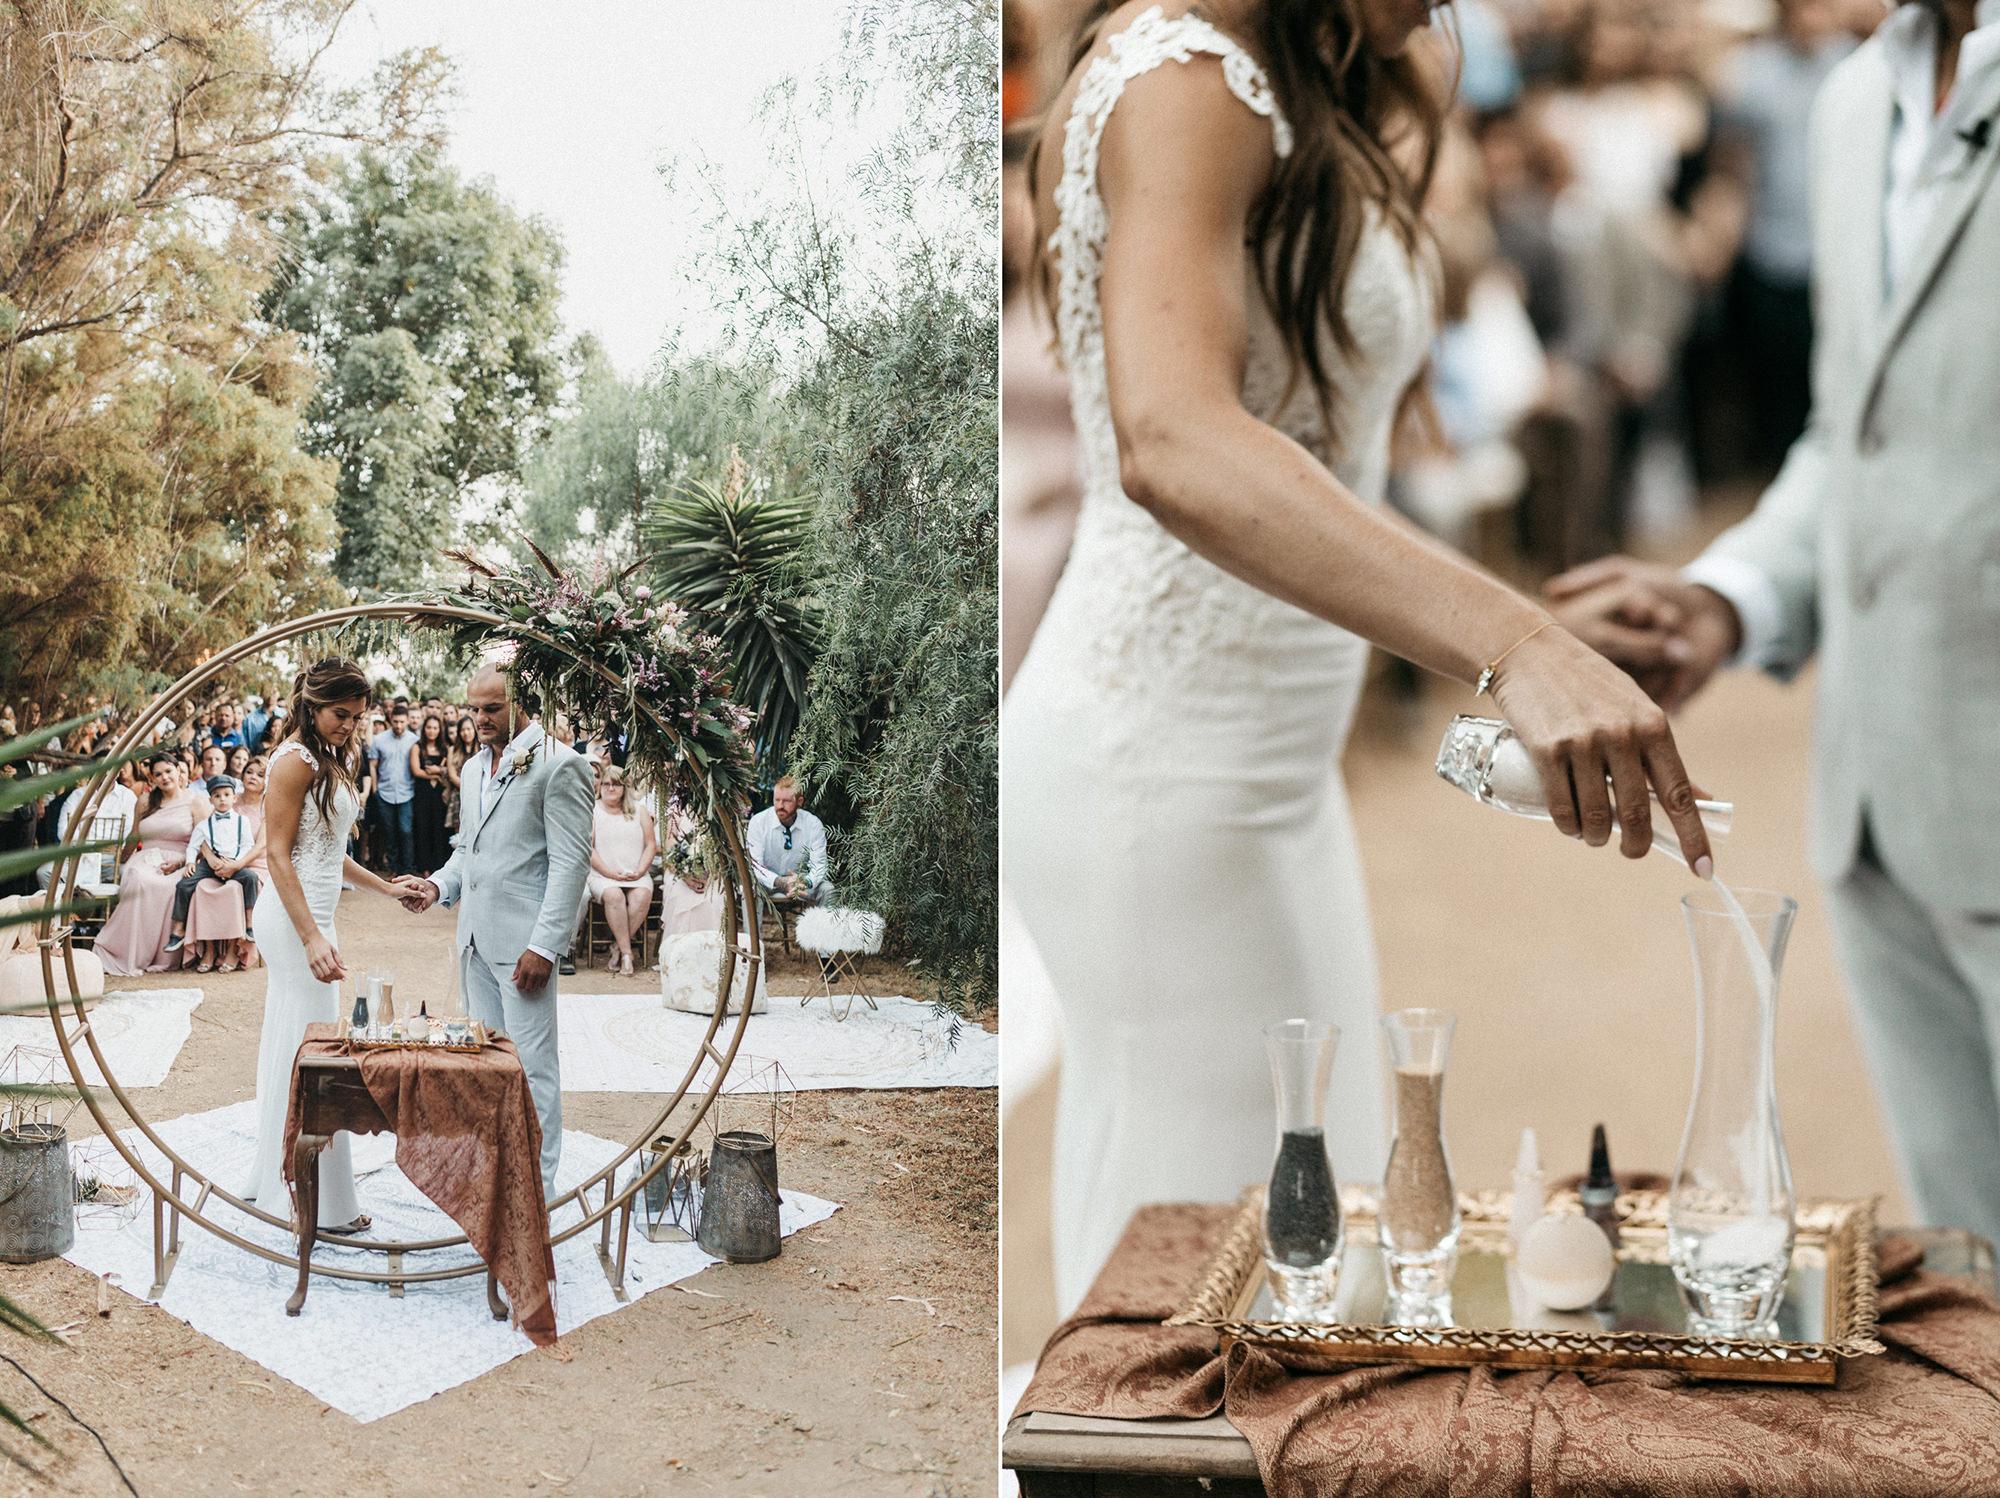 the_fire_garden_wedding-41.jpg